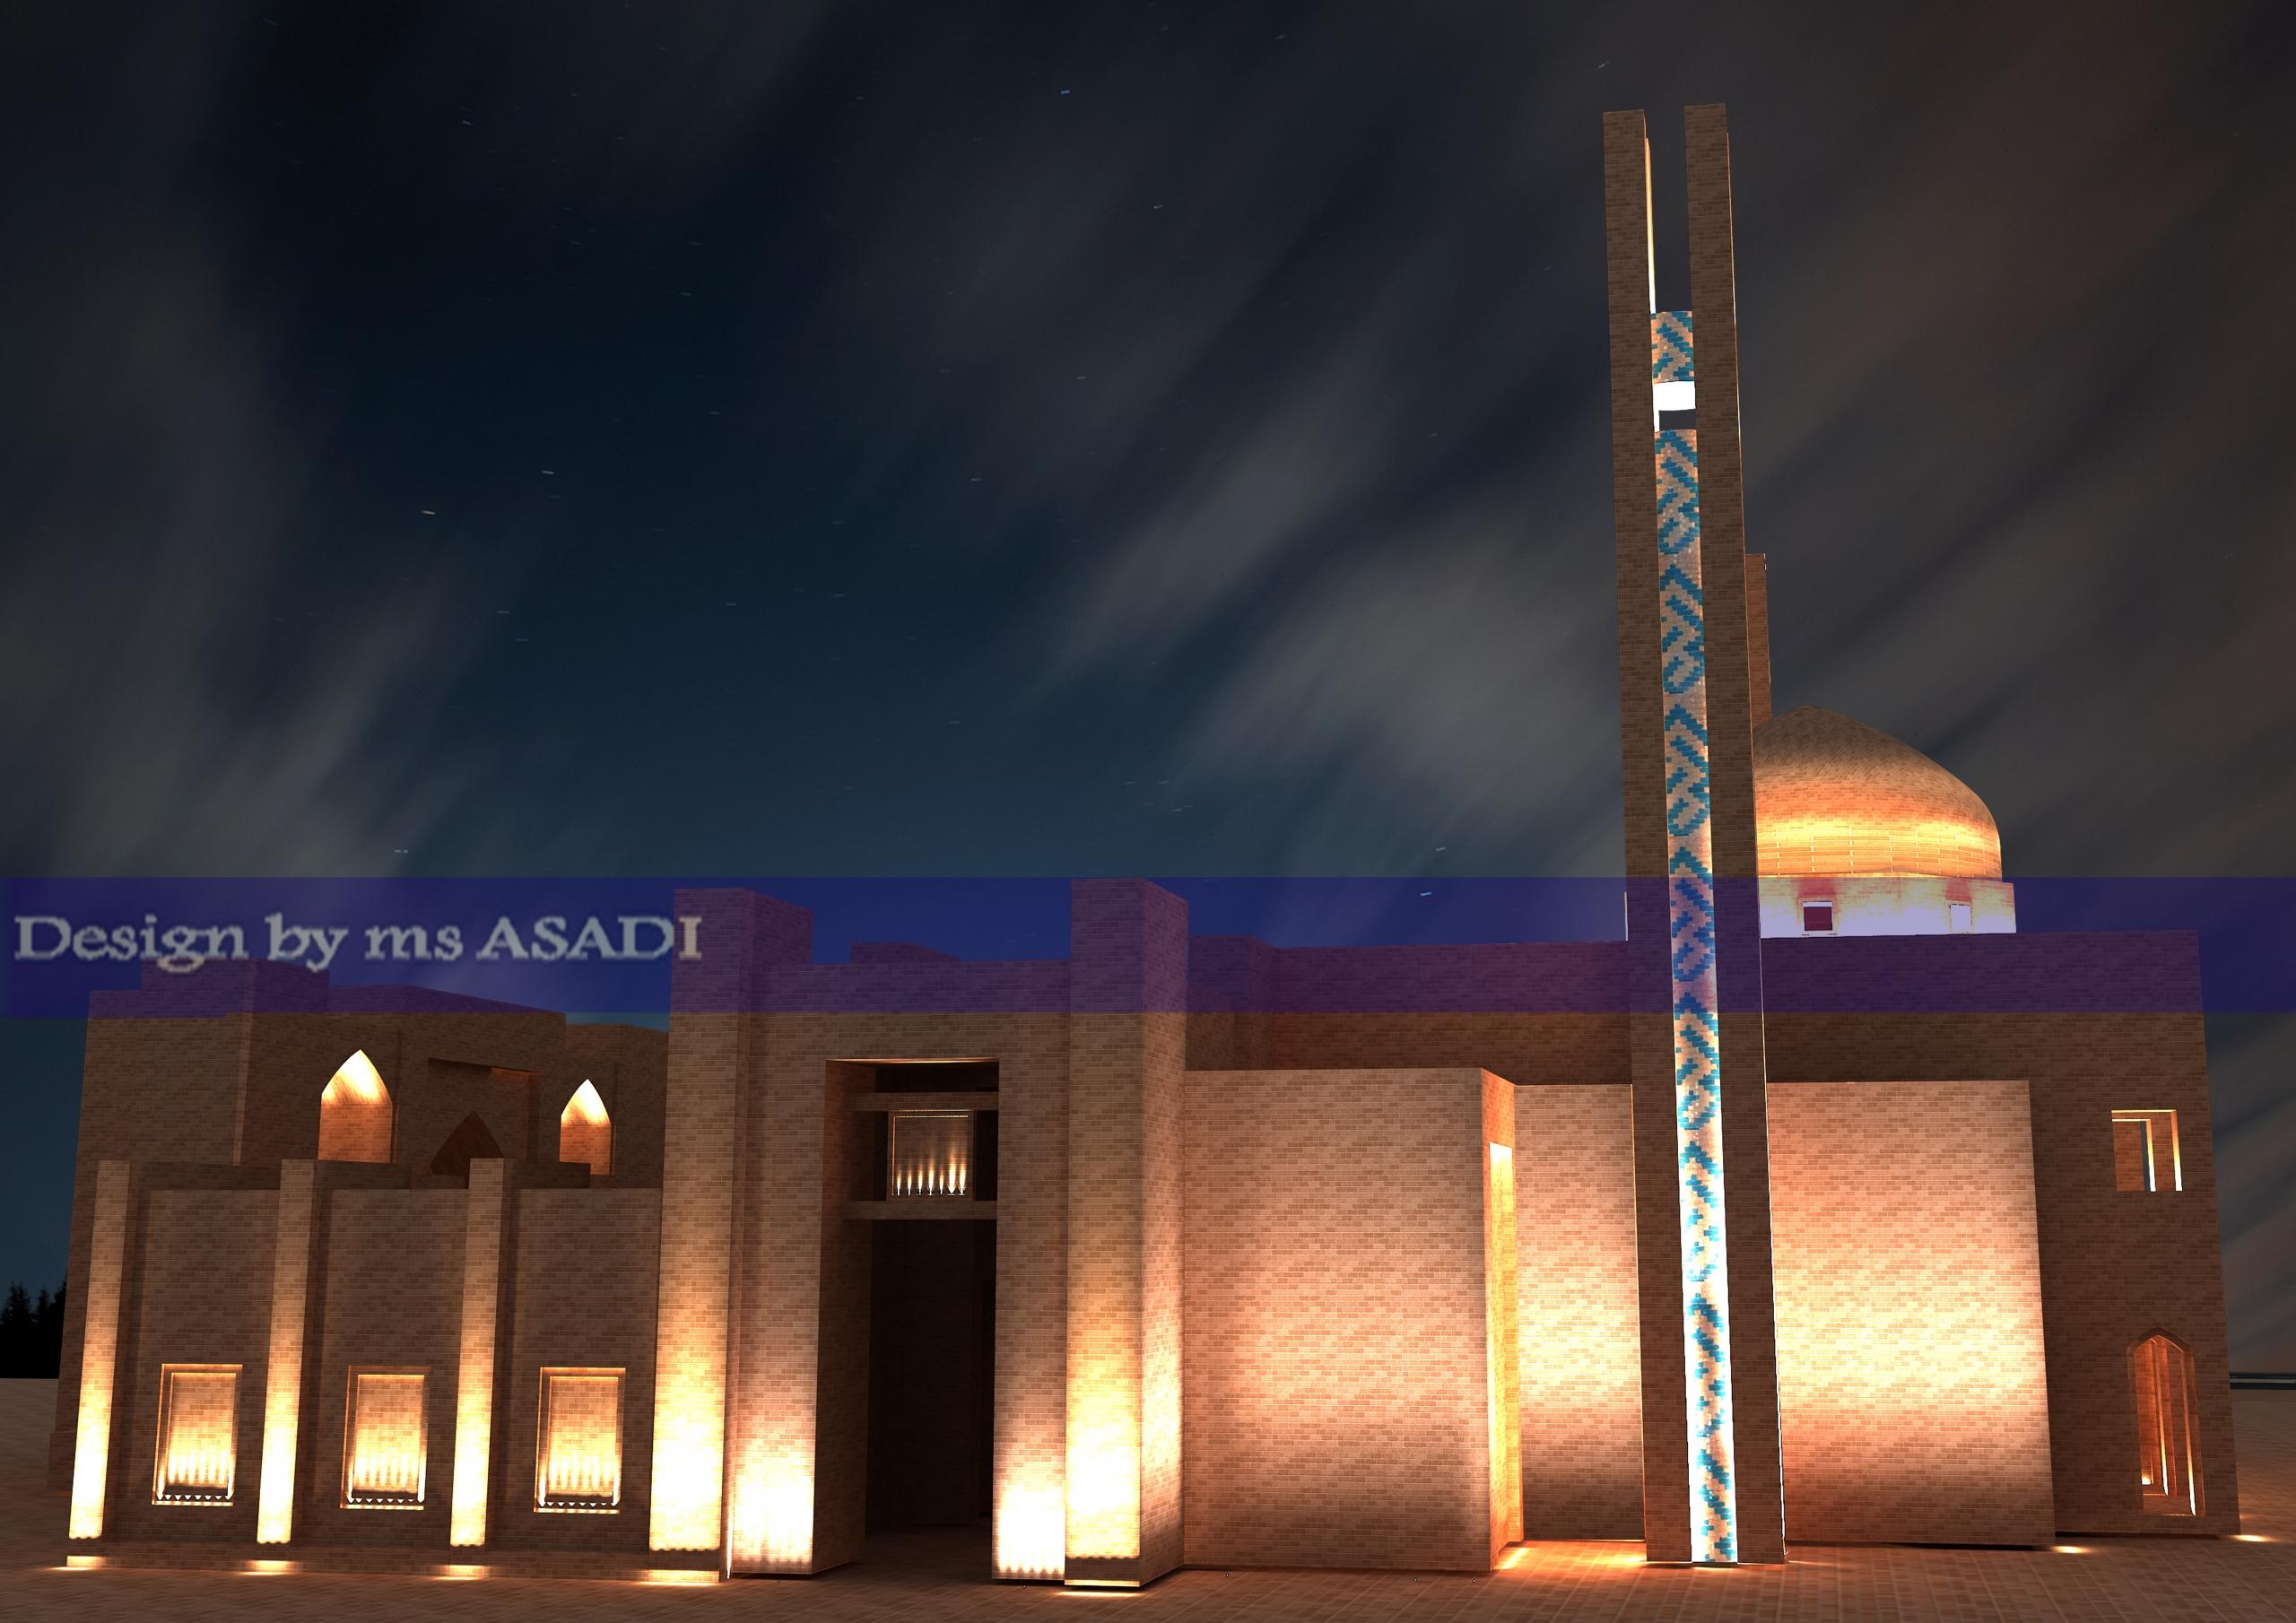 طراحی نورپردازی نمای مسجد پیامبر اعظم (ص)